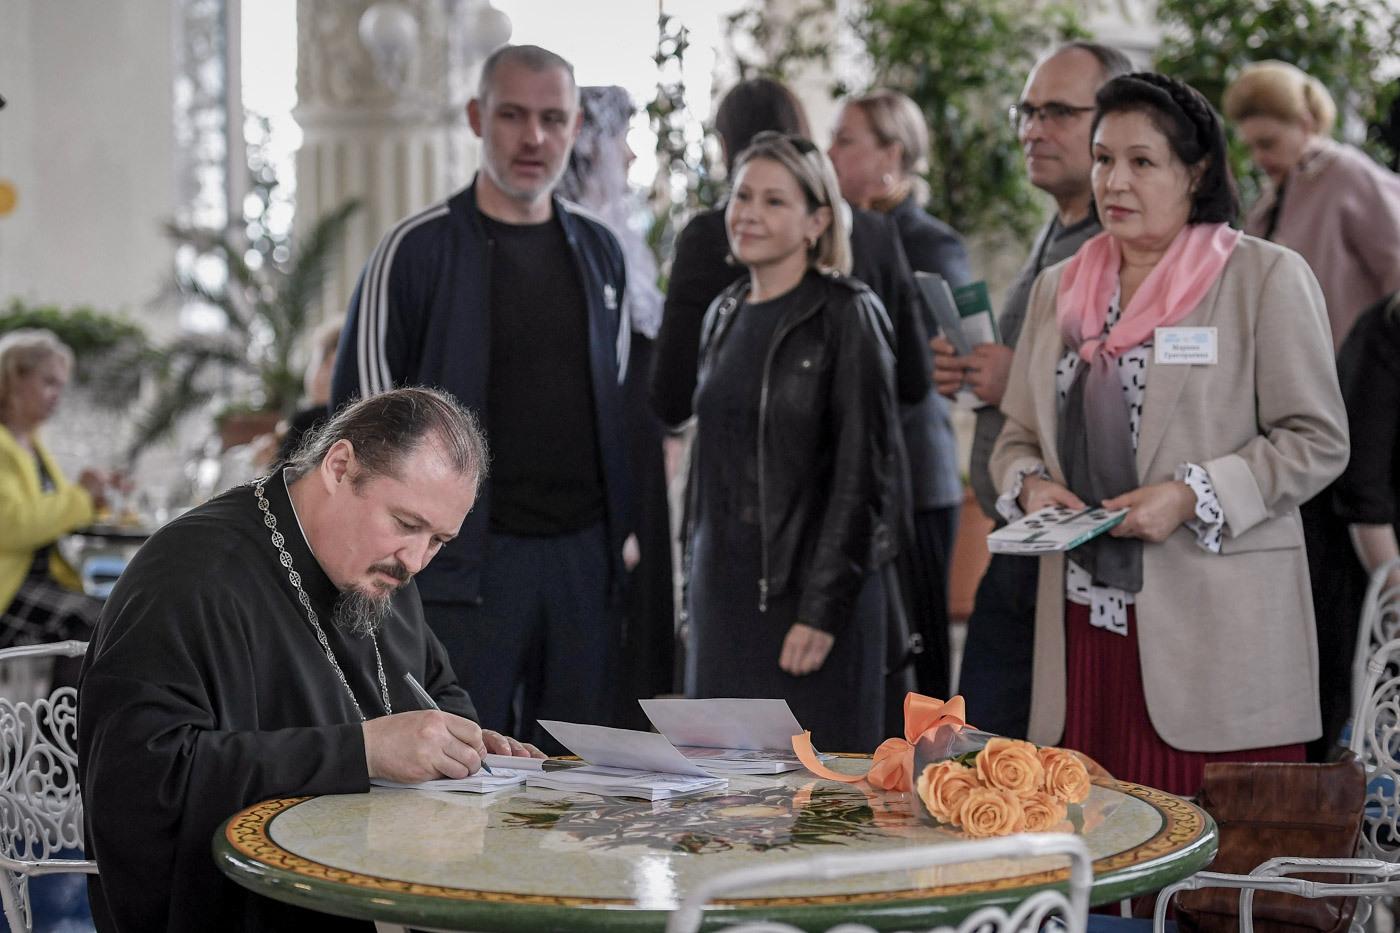 Руководитель социального отдела Сочинской епархии протоиерей Александр Копырин проводит презентацию книги «От прихода к общине»